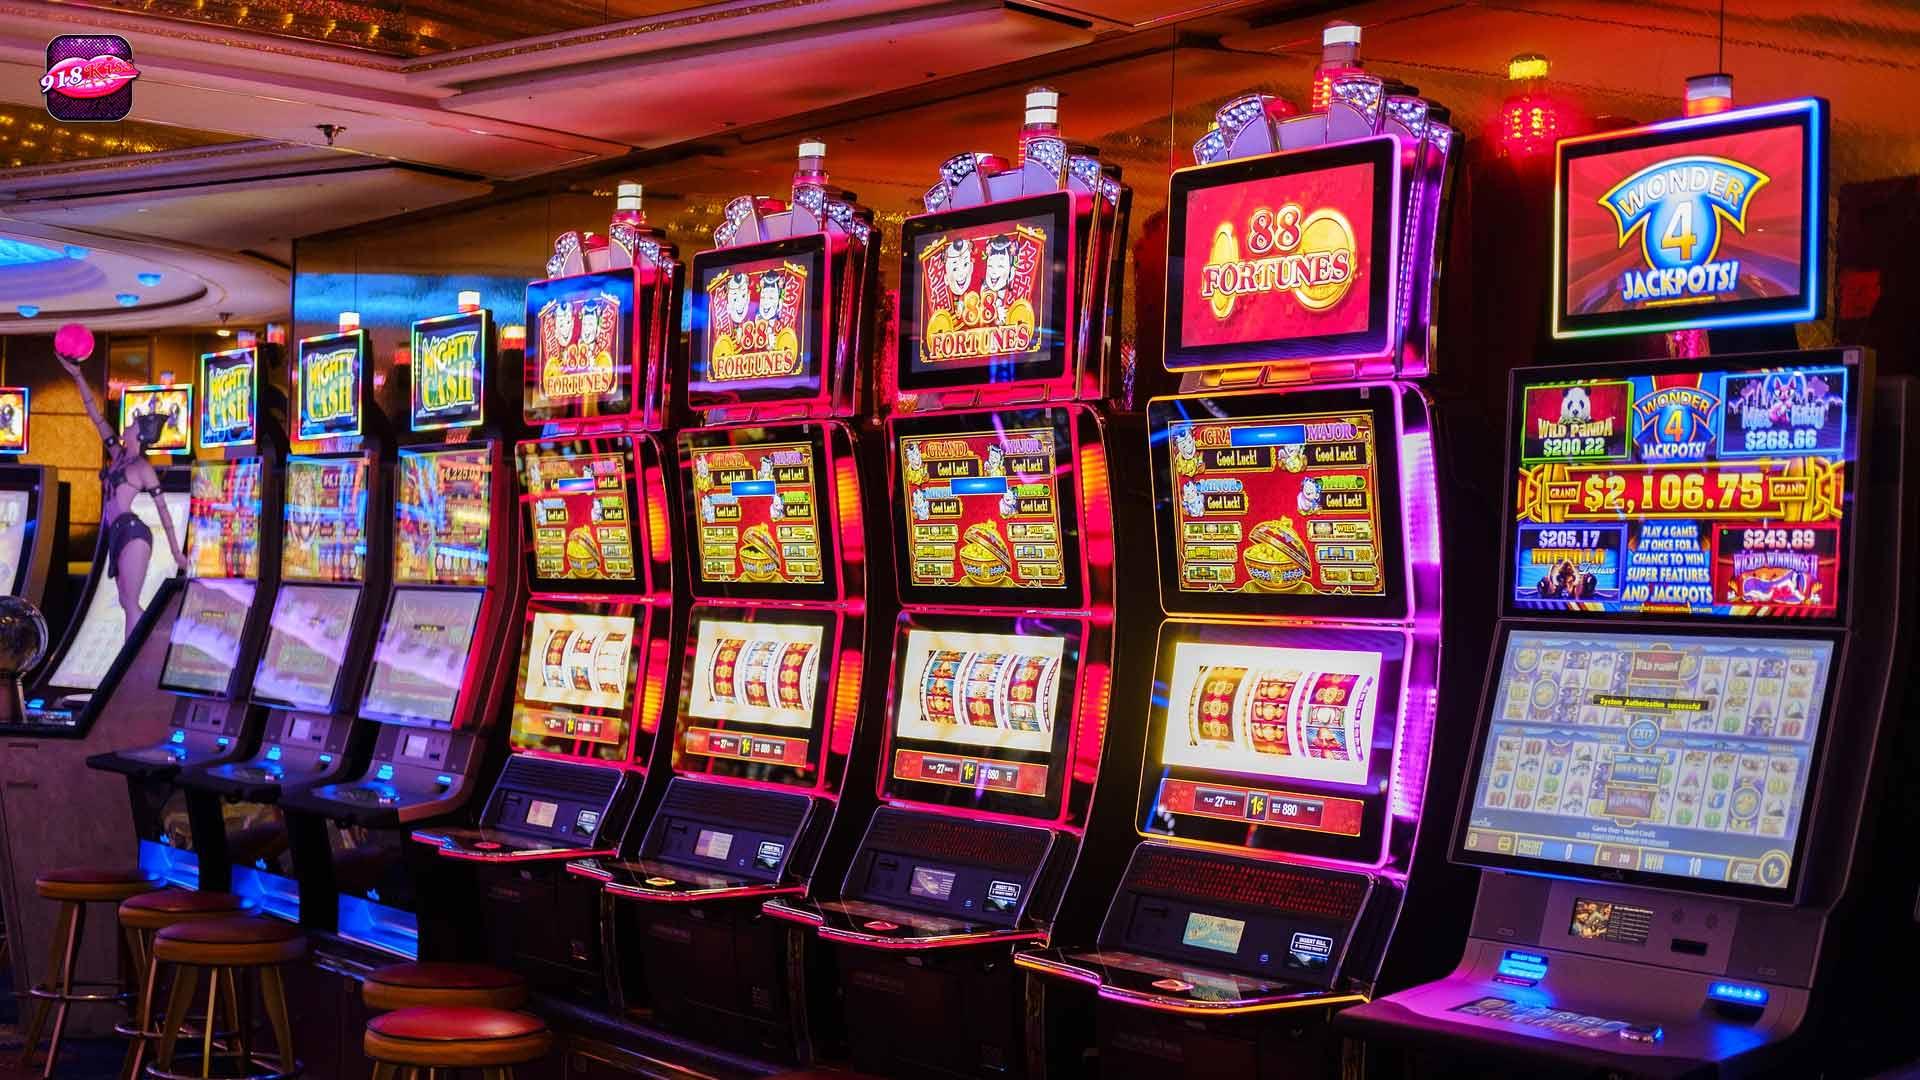 BELTERRA PARK HIT ด้วยเงิน 2.7 ล้านเหรียญสหรัฐ + เรียกร้องเงินจากเกมสล็อตที่ทำกำไรได้